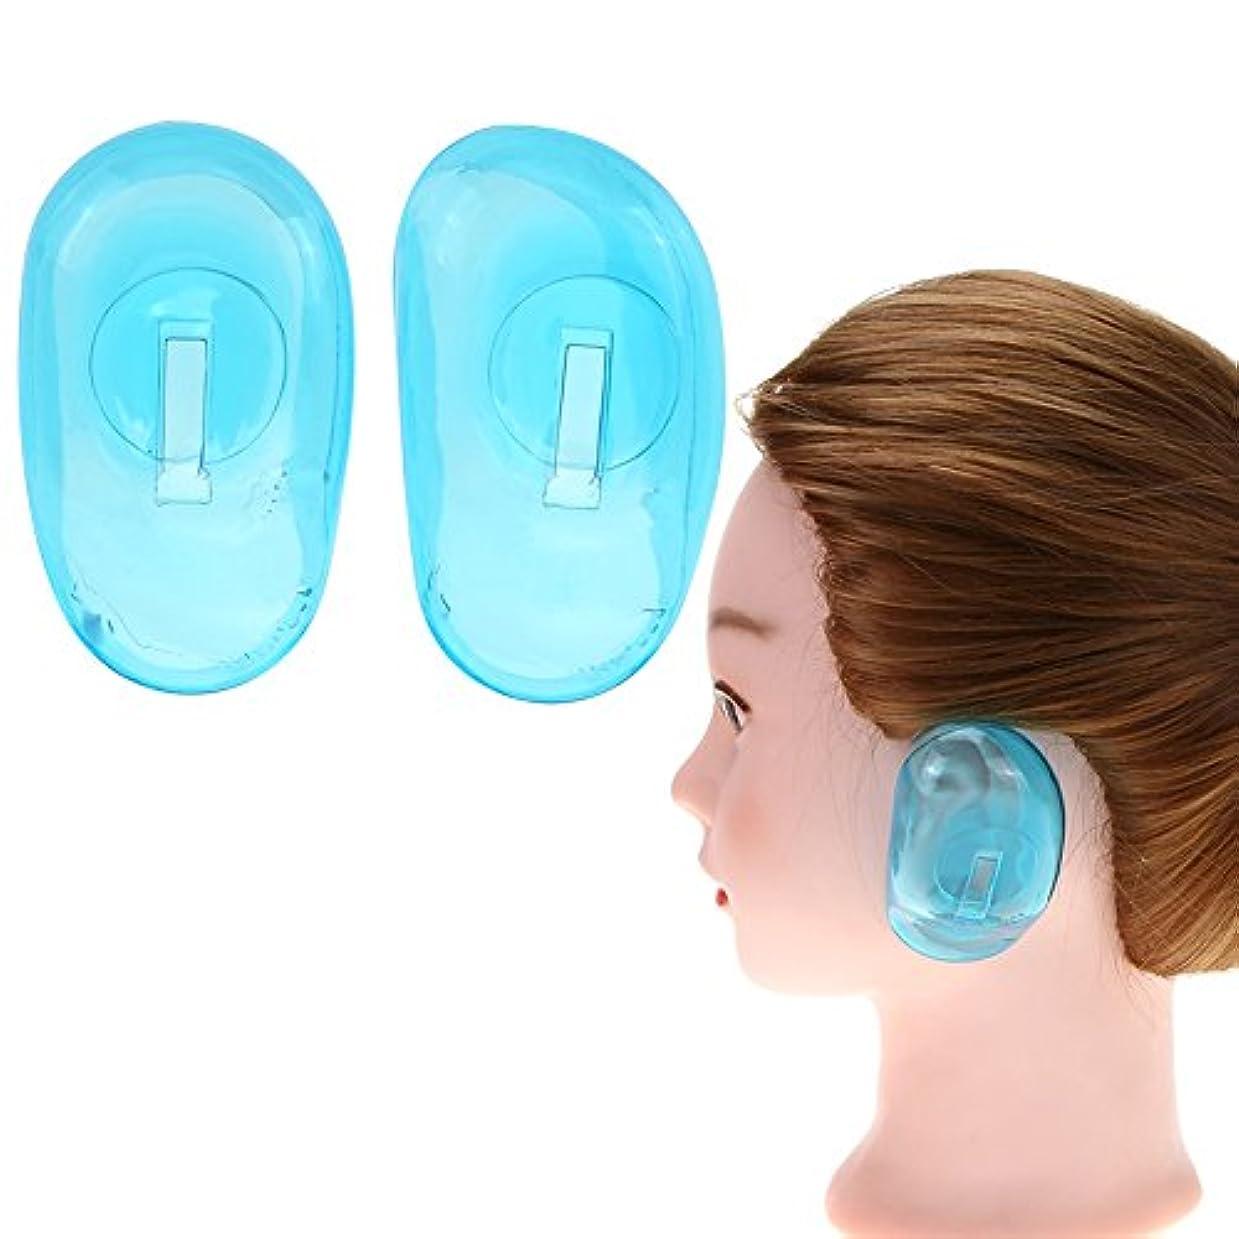 長椅子部大使館Ruier-tong 5ペア耳カバー 毛染め用 シリコン製 耳キャップ 柔らかいイヤーキャップ ヘアカラー シャワー 耳保護 ヘアケアツール サロン 洗える 繰り返す使用可能 エコ 8.5x5cm